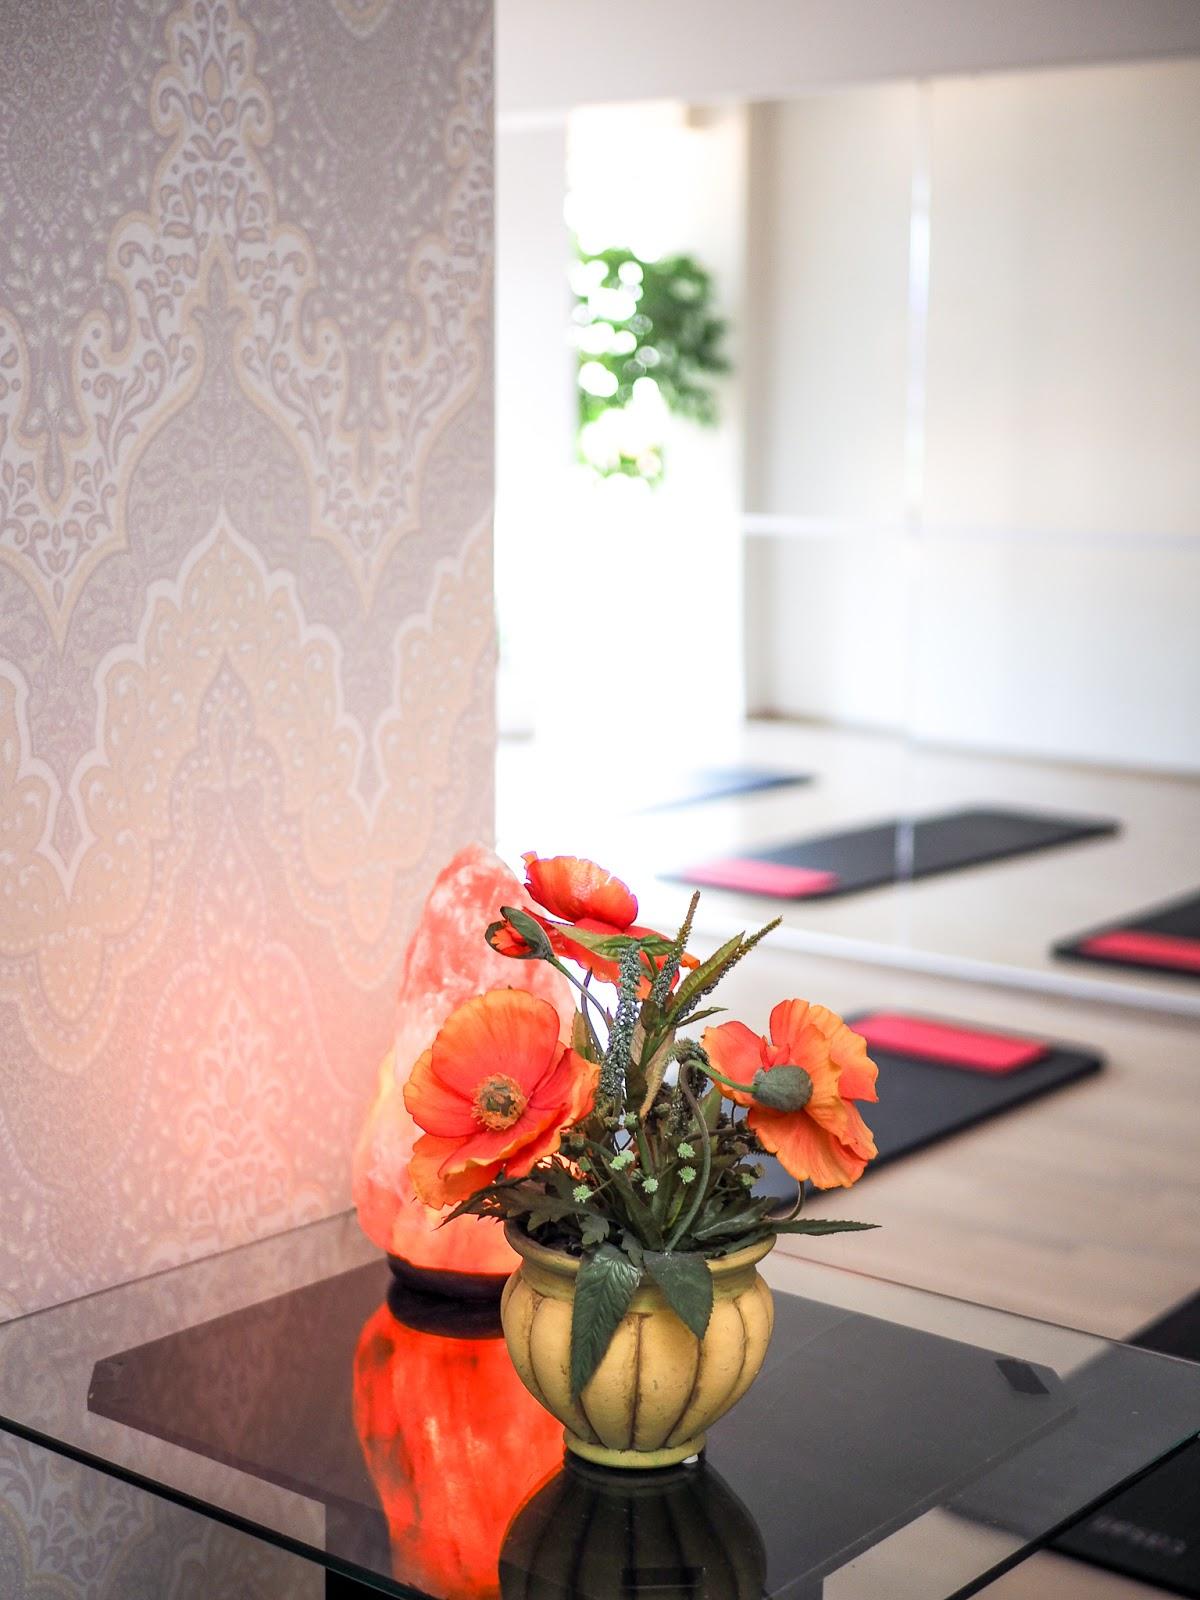 Hyvinvointikeskus Voimala sijaitsee Turun keskustassa upean valoisissa tiloissa hyvien kulkuyhteyksien varrella